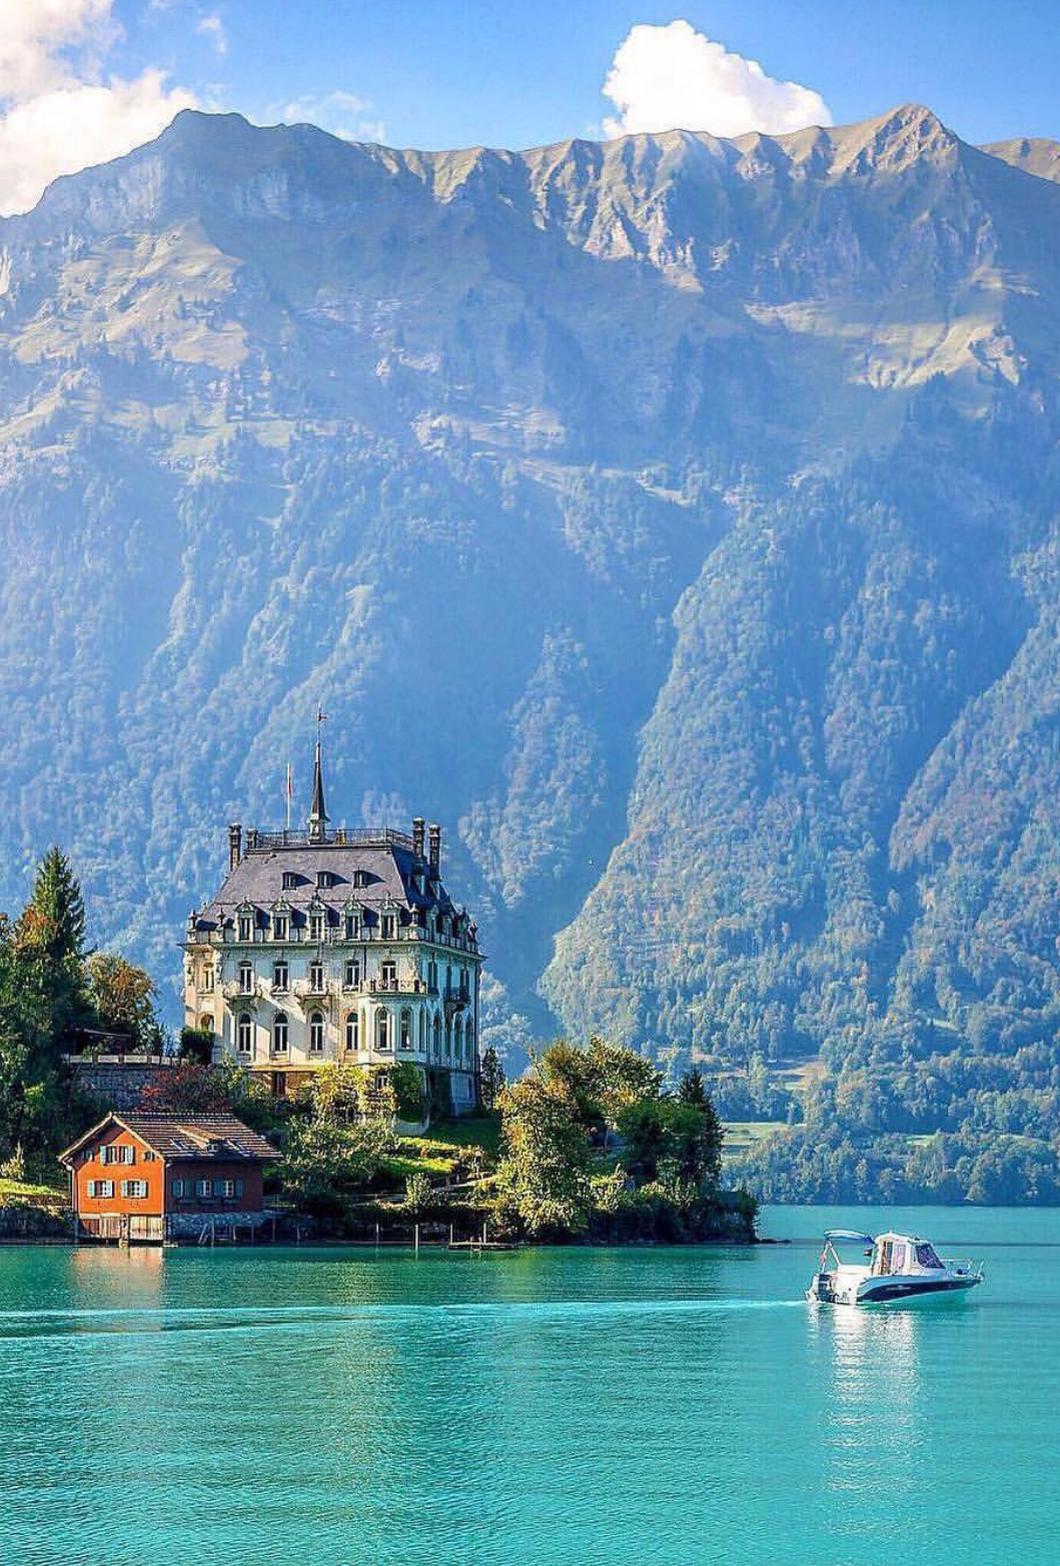 имеет красивые места швейцарии картинки работаем